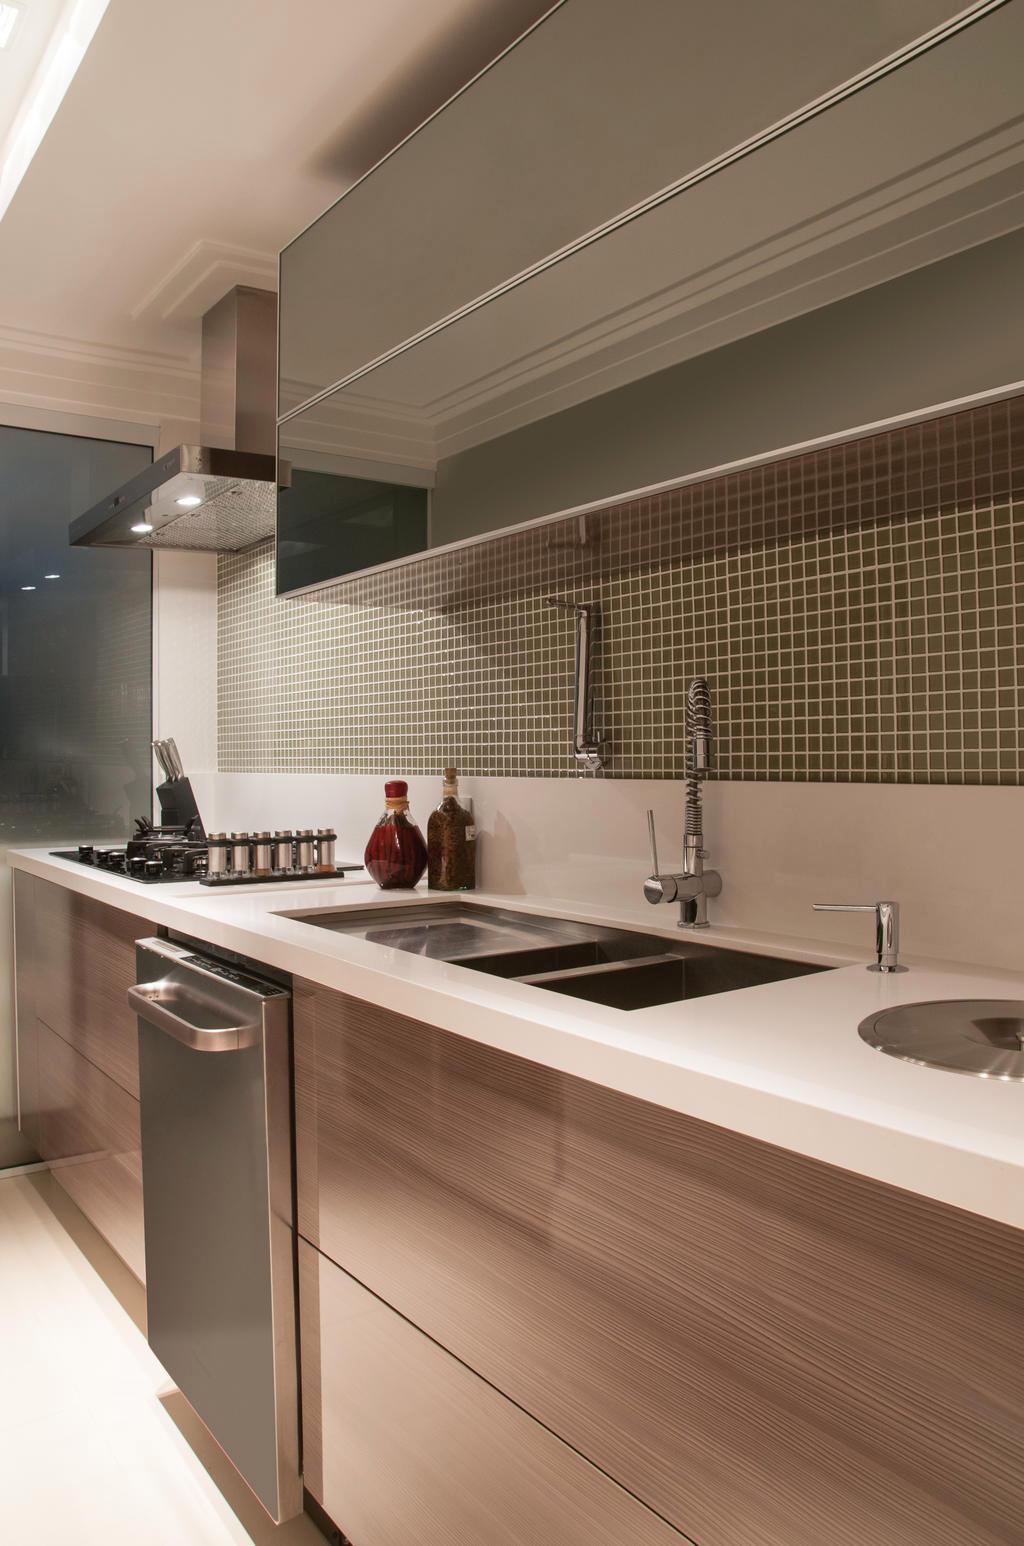 #846447 Na cozinha houve a inclusão de NICHOS GRANDES PARA ARMÁRIOS tão  1024x1546 px Armario De Cozinha Marrom Casas Bahia_1646 Imagens